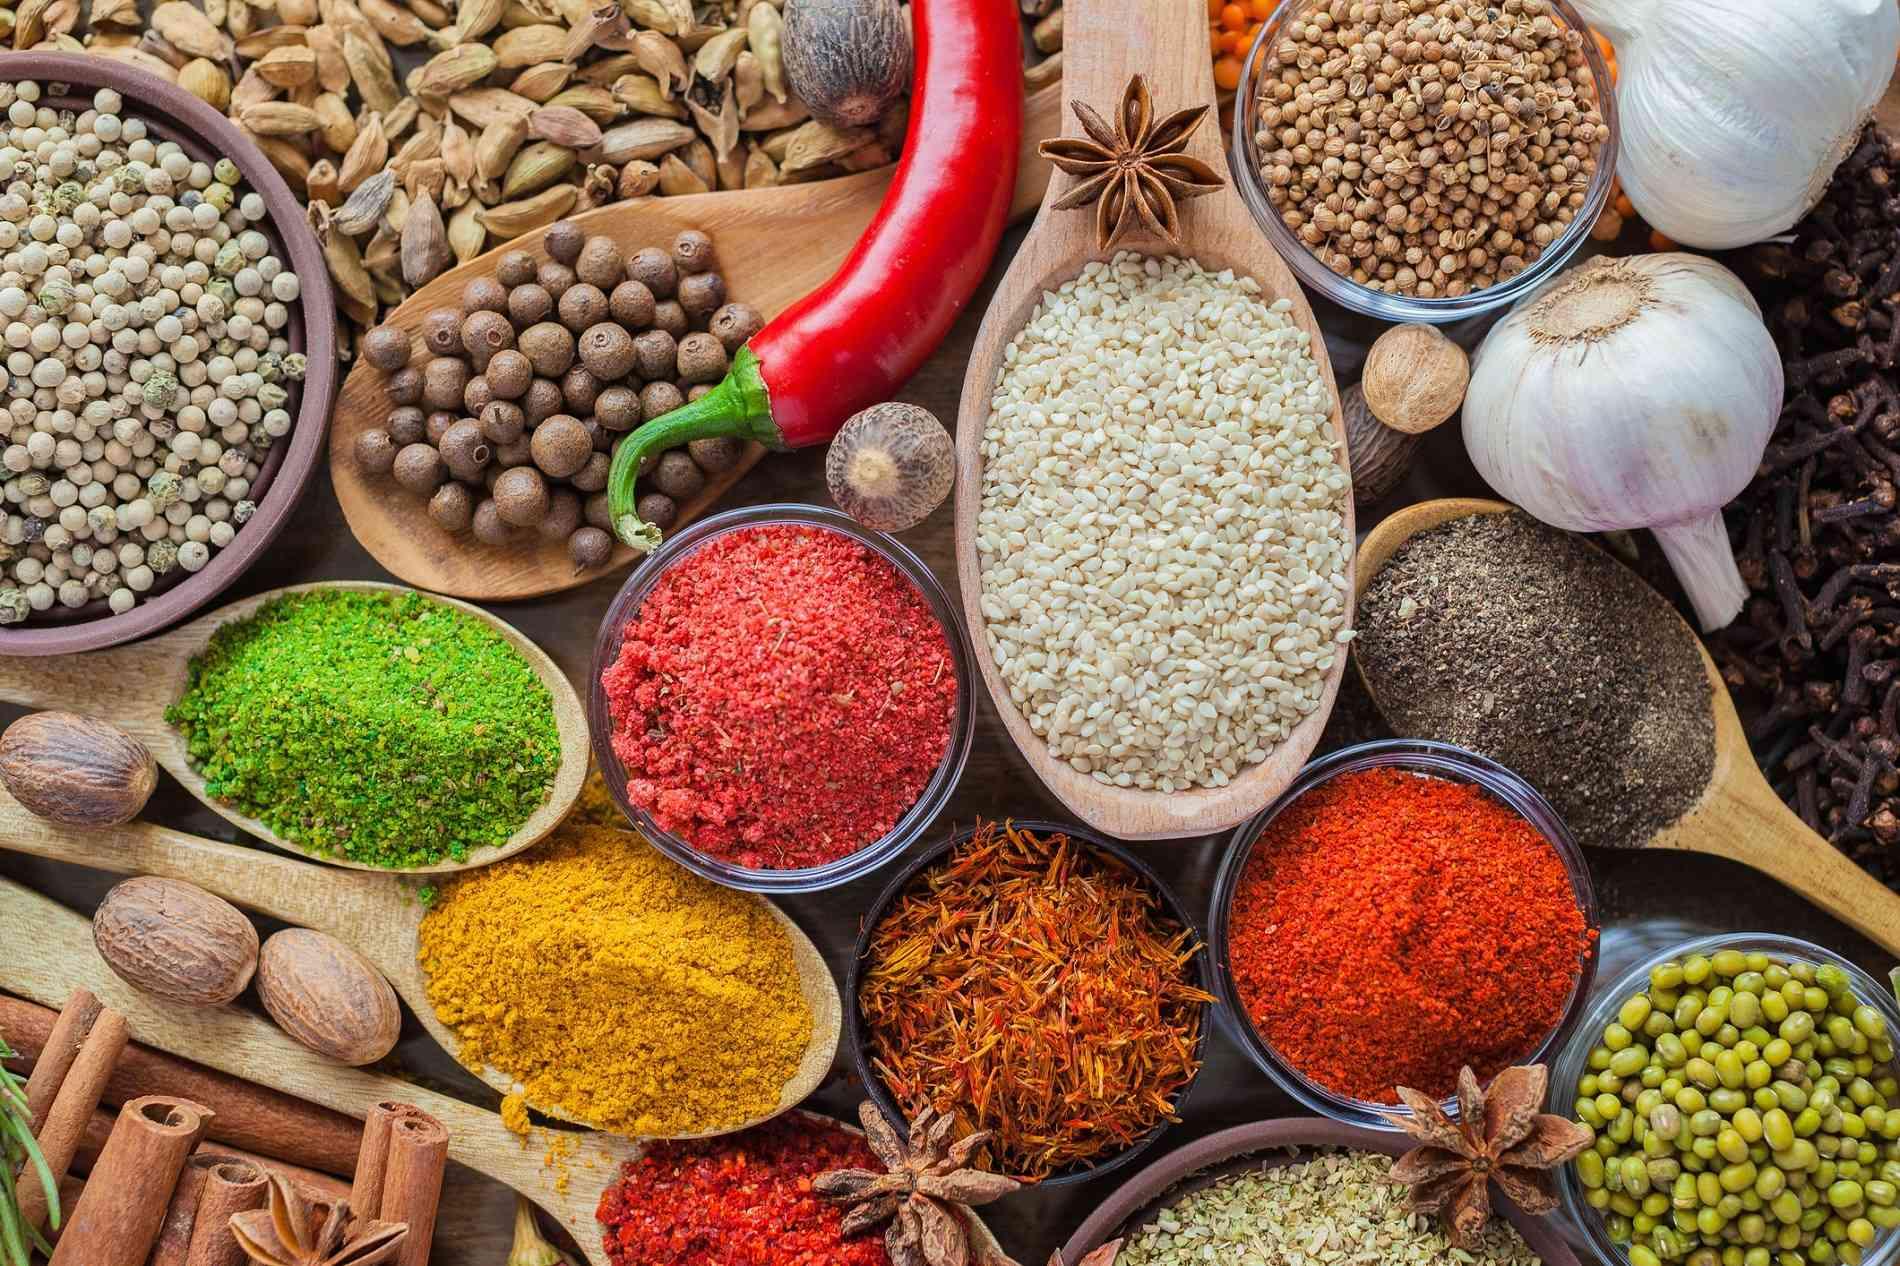 Food Additives And Preservatives Market